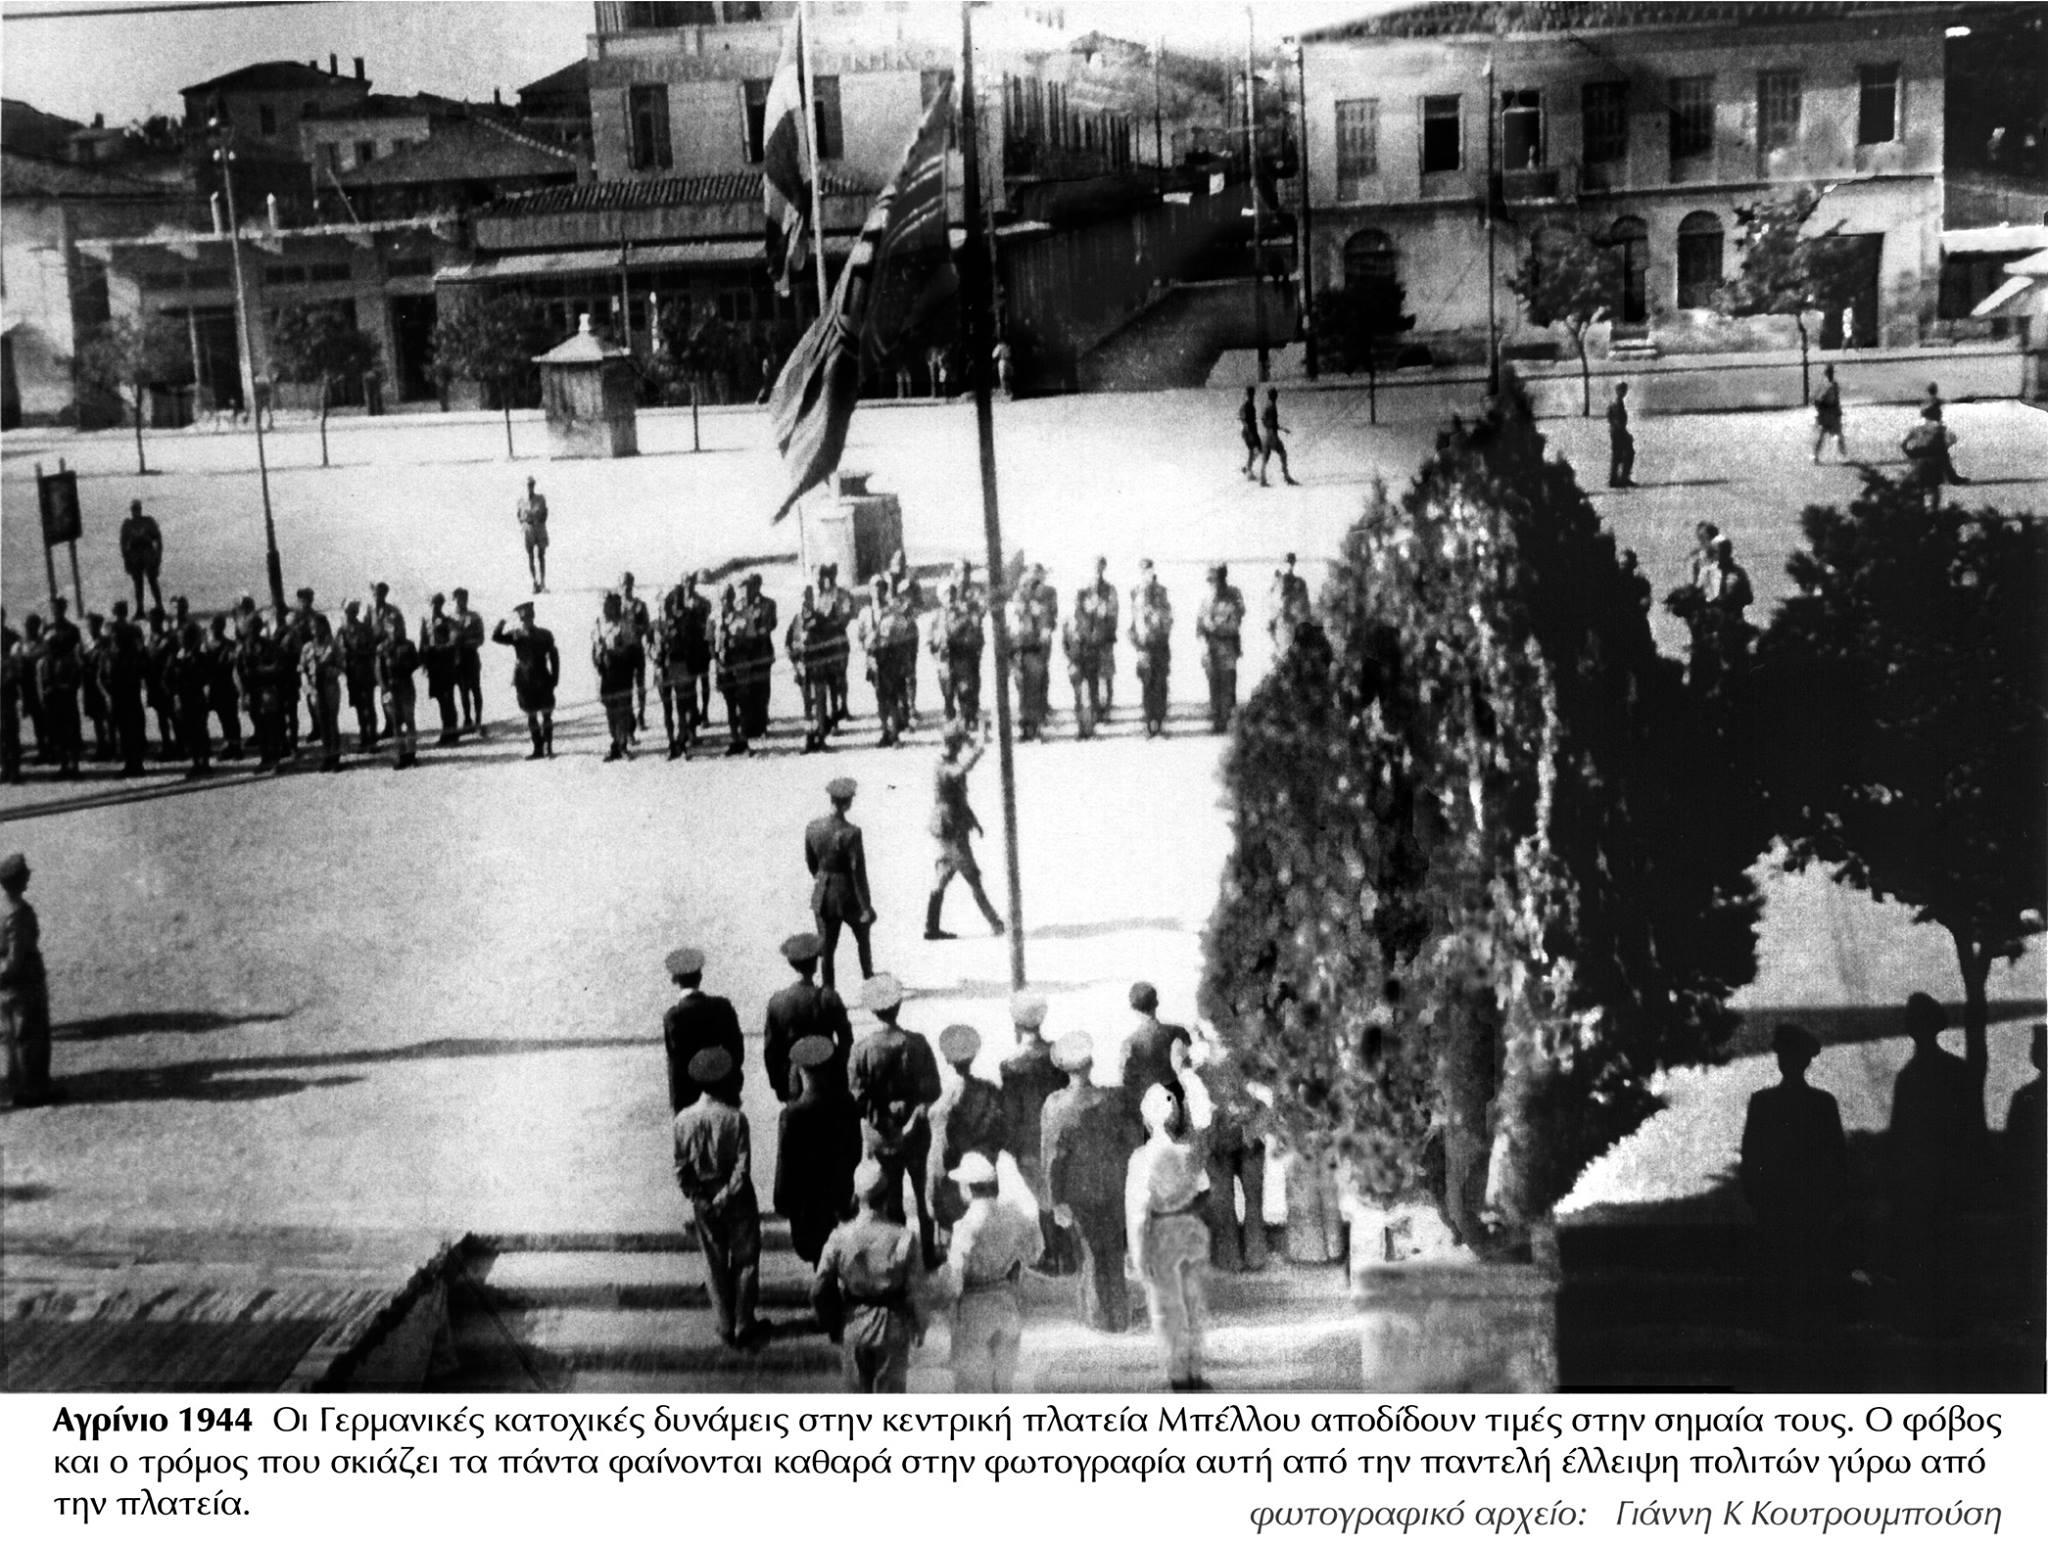 Τα μέτρα απαγόρευσης κυκλοφορίας στο Αγρίνιο επί Ιταλογερμανικής Κατοχής